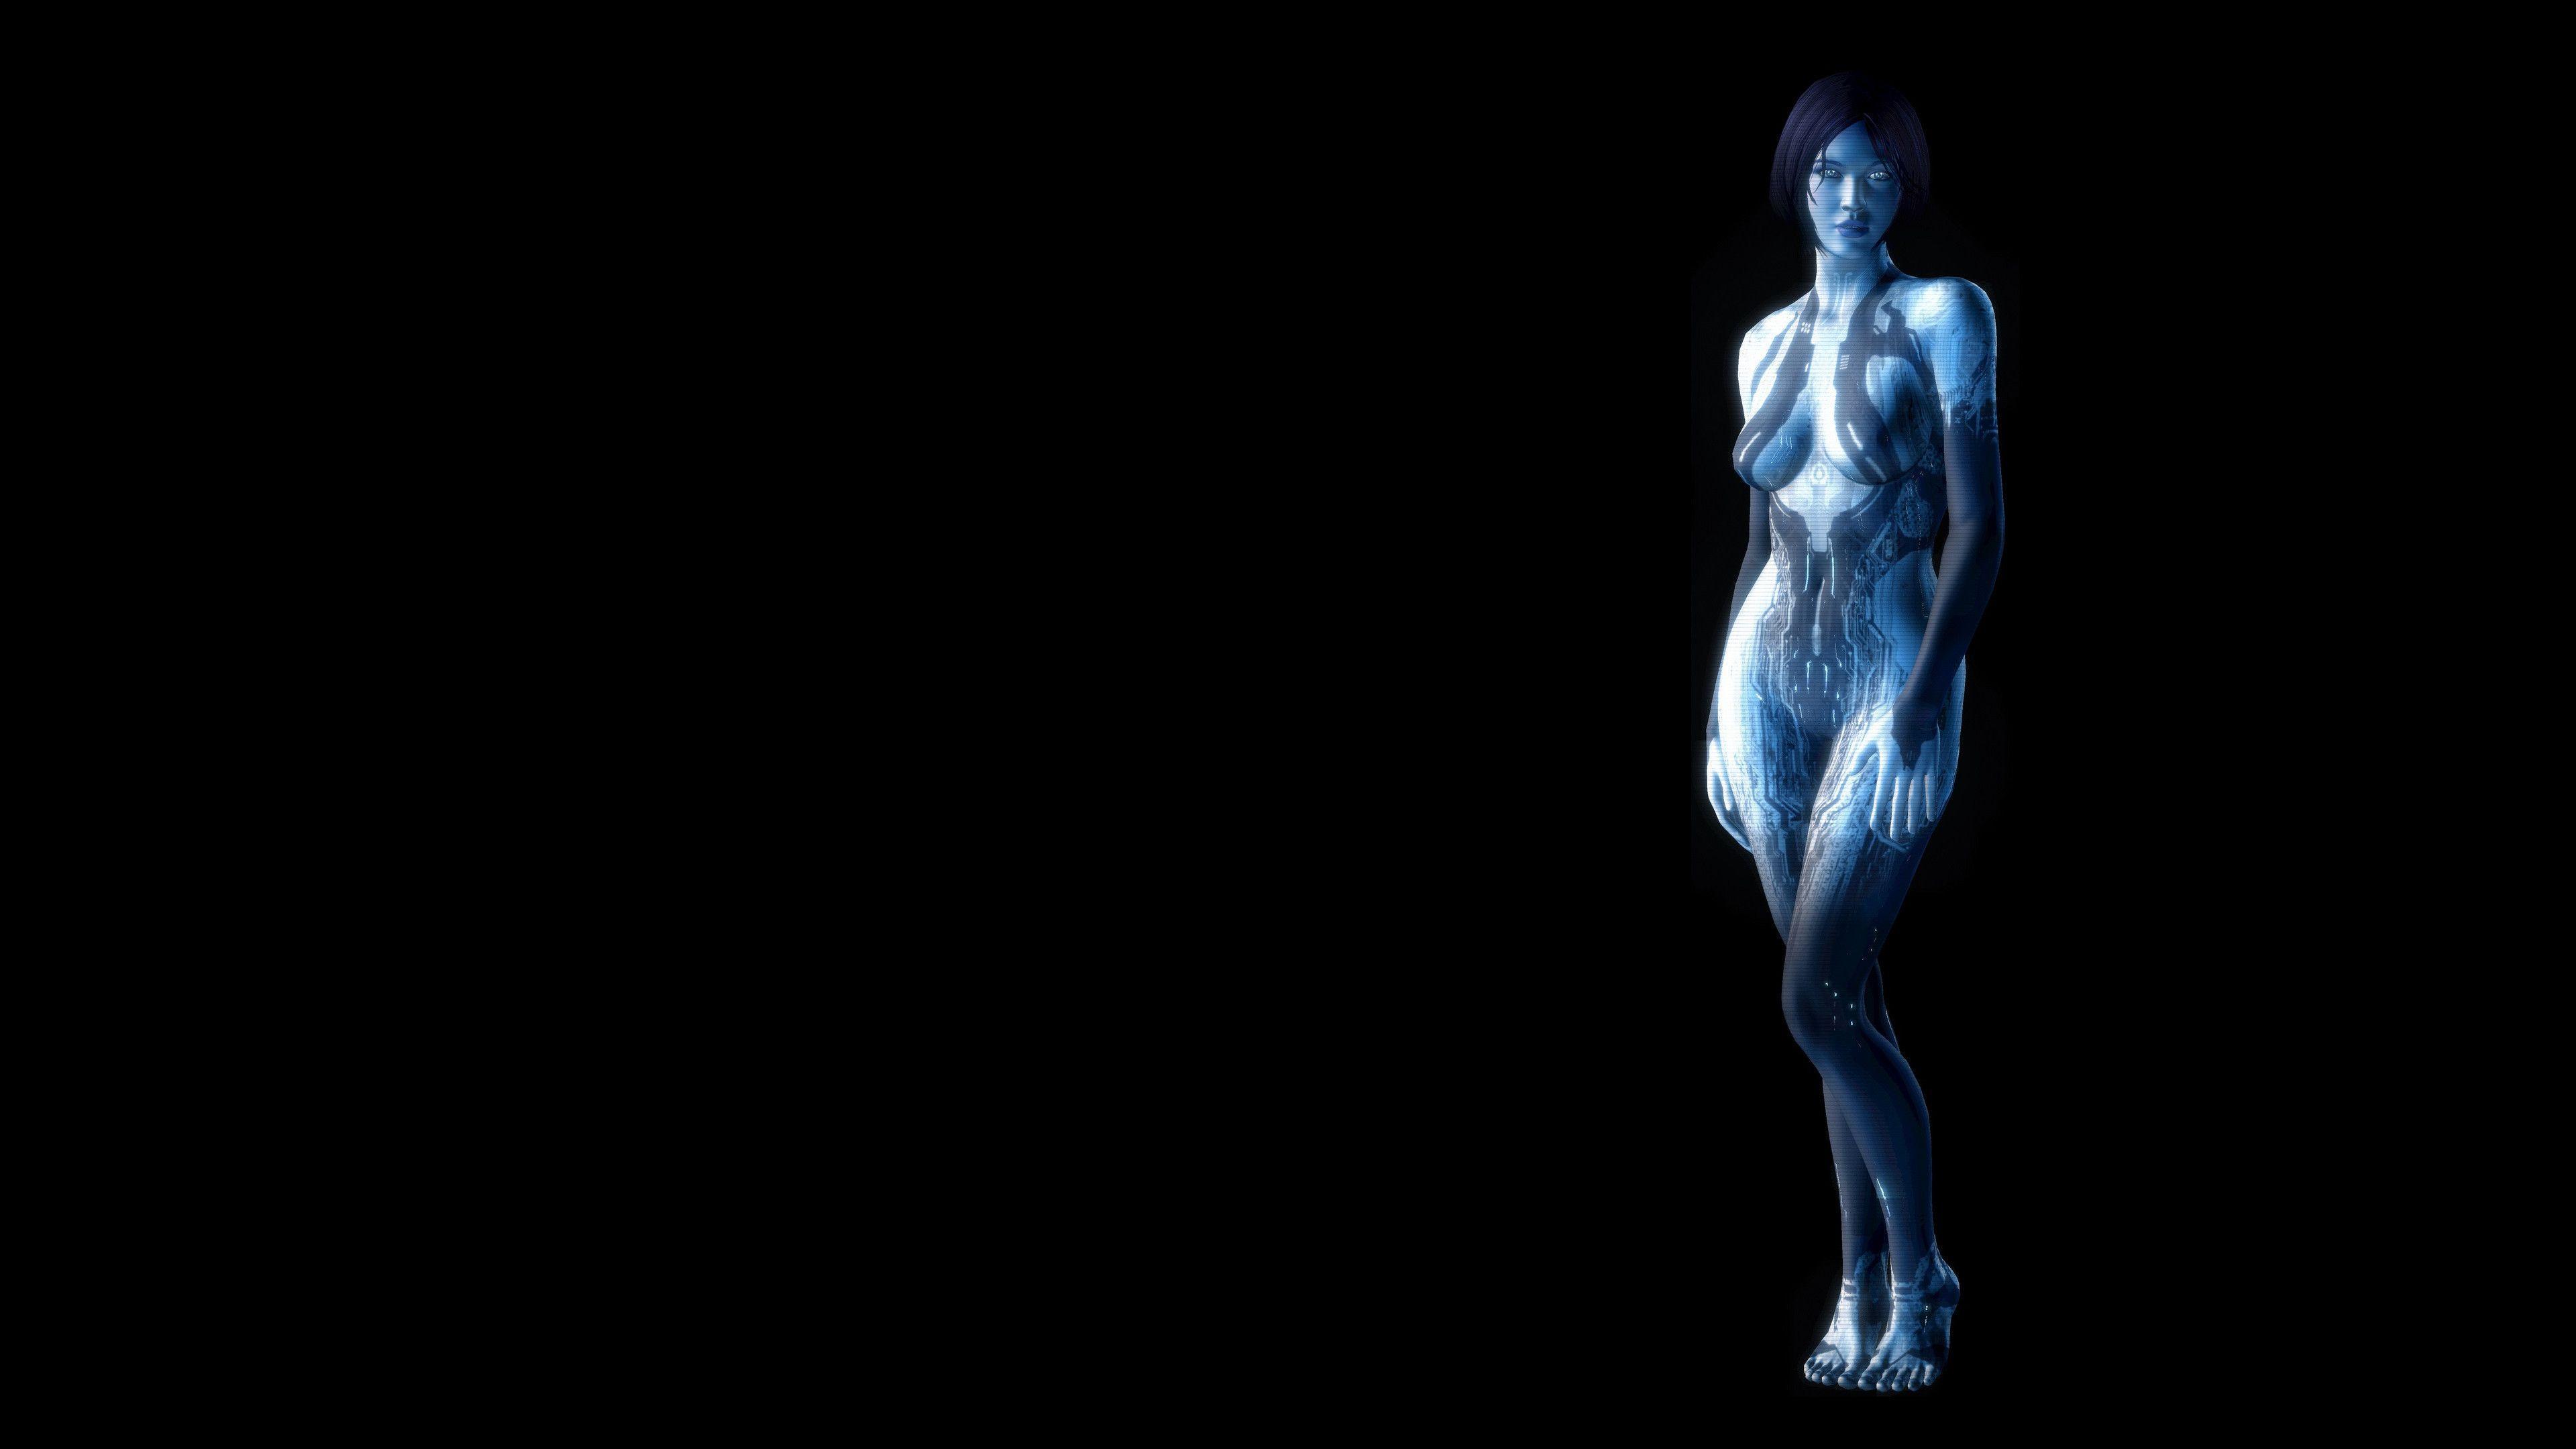 Weird women not nude computer wallpapers desktop backgrounds